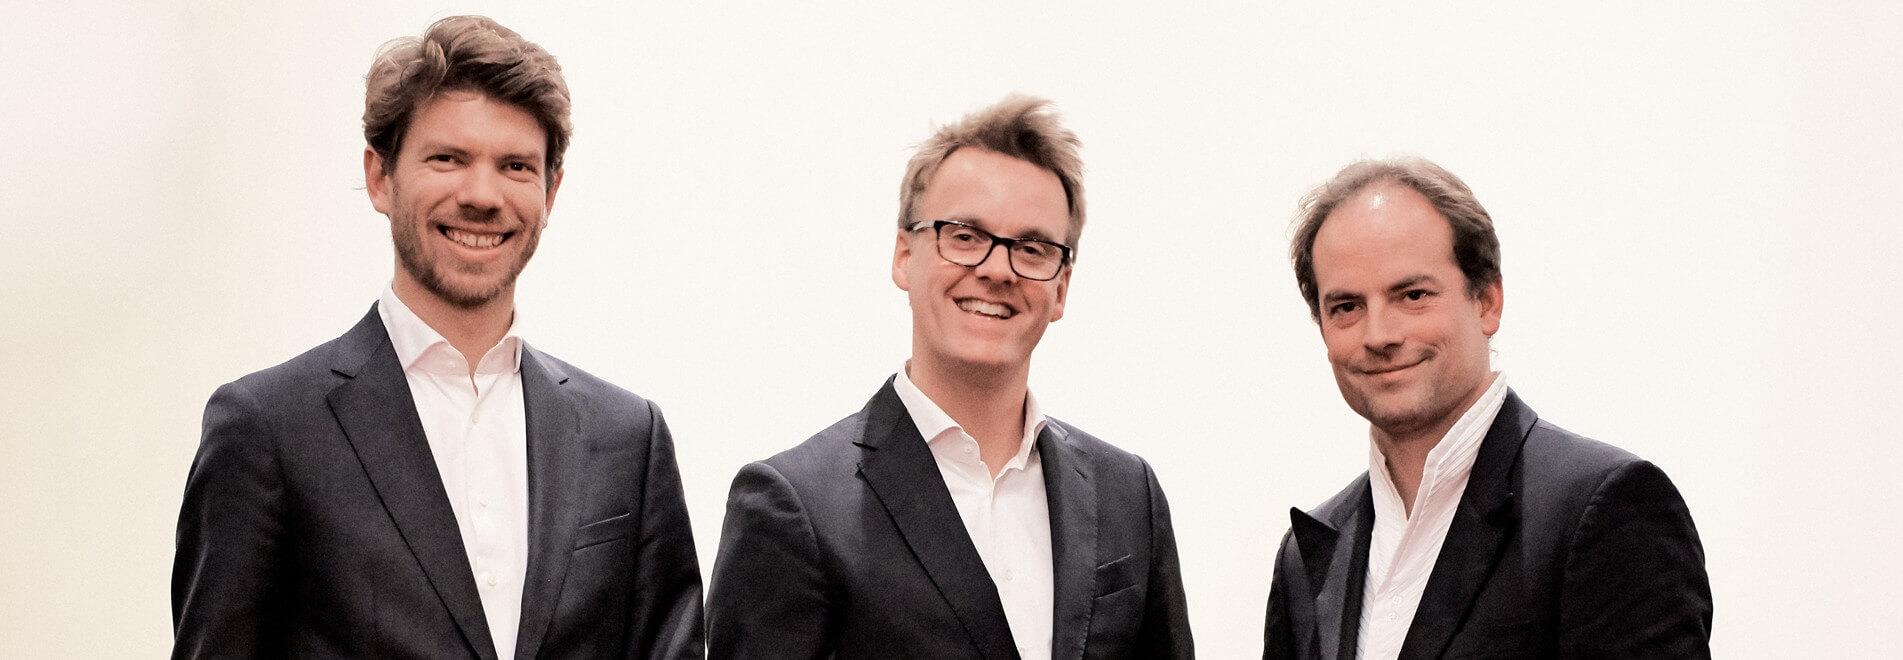 Beethovens Gassenhauer-trio en Brahms' Klarinettrio